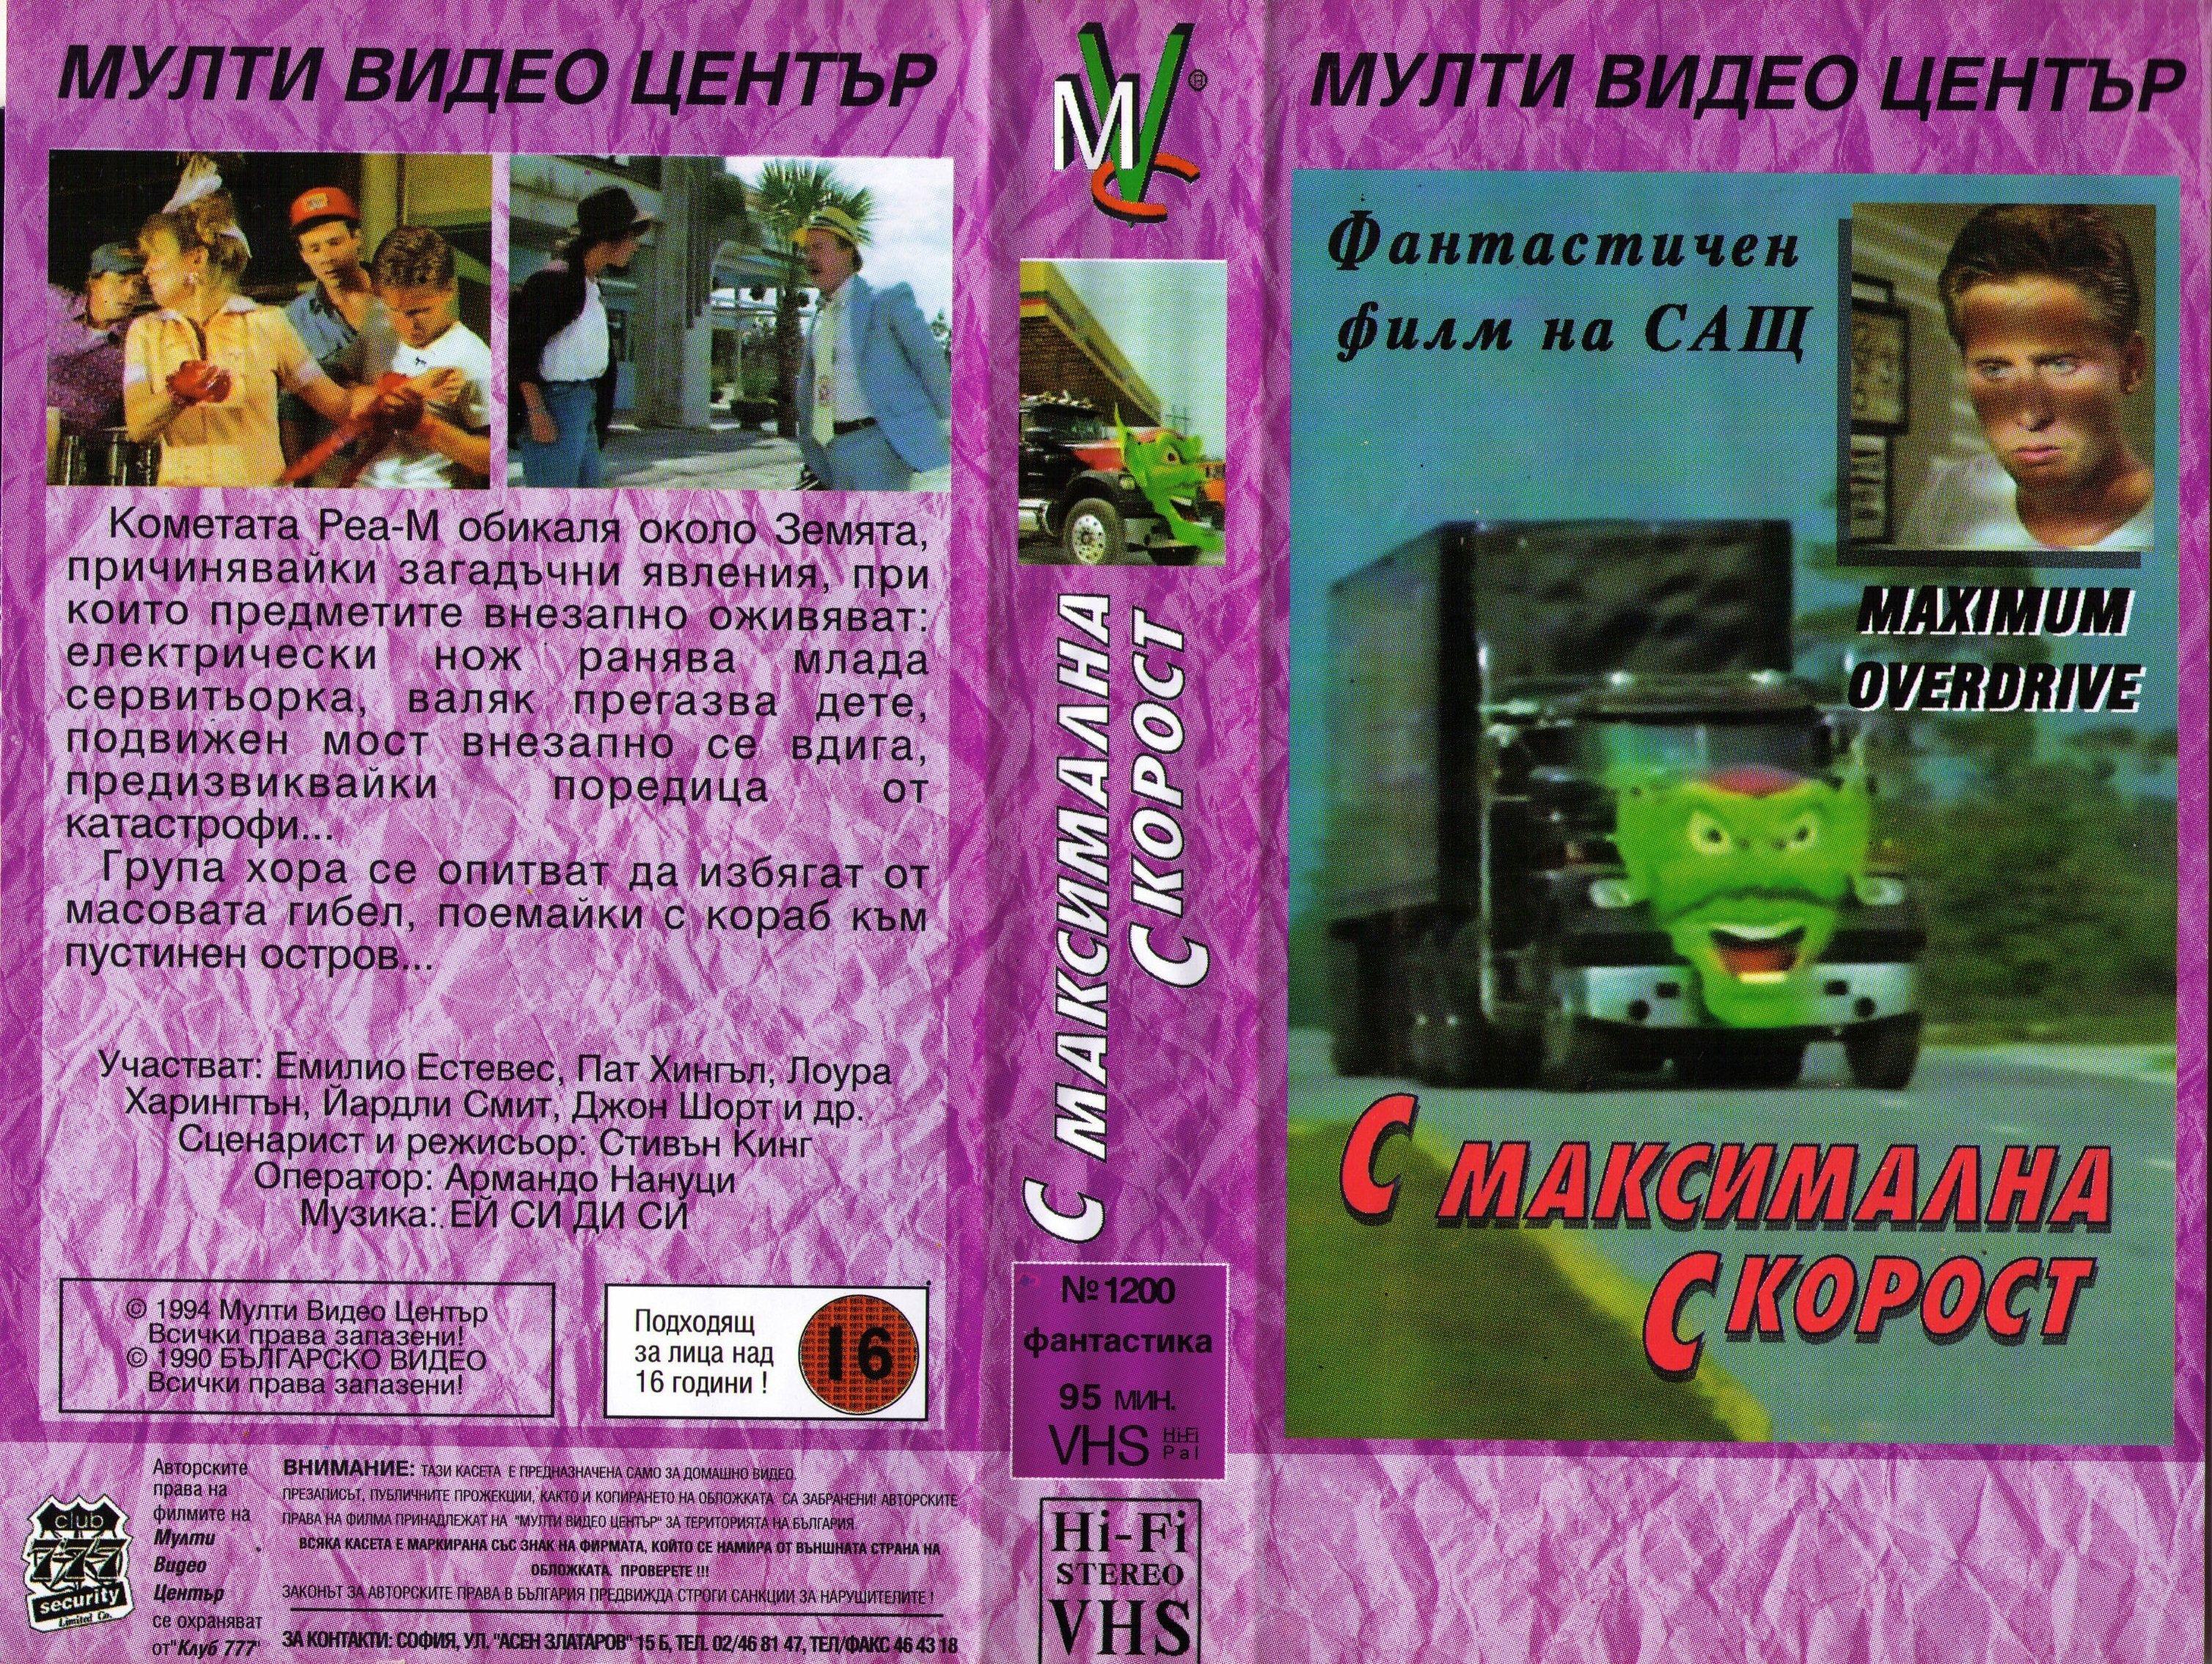 С максимална скорост филм постер